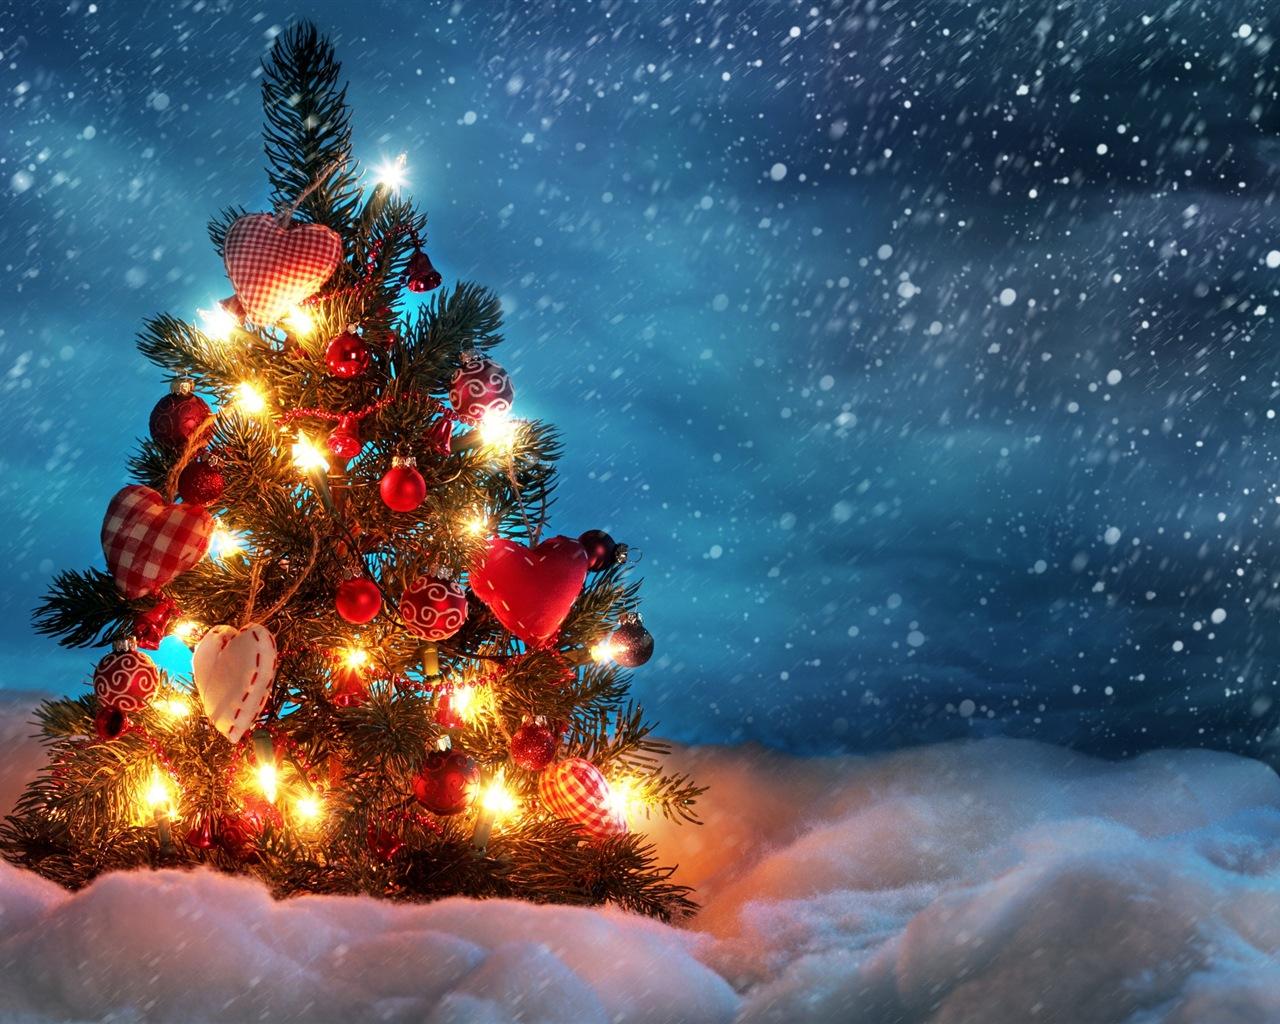 Hintergrundbilder Frohe Weihnachten.Frohe Weihnachten Hintergrundbild